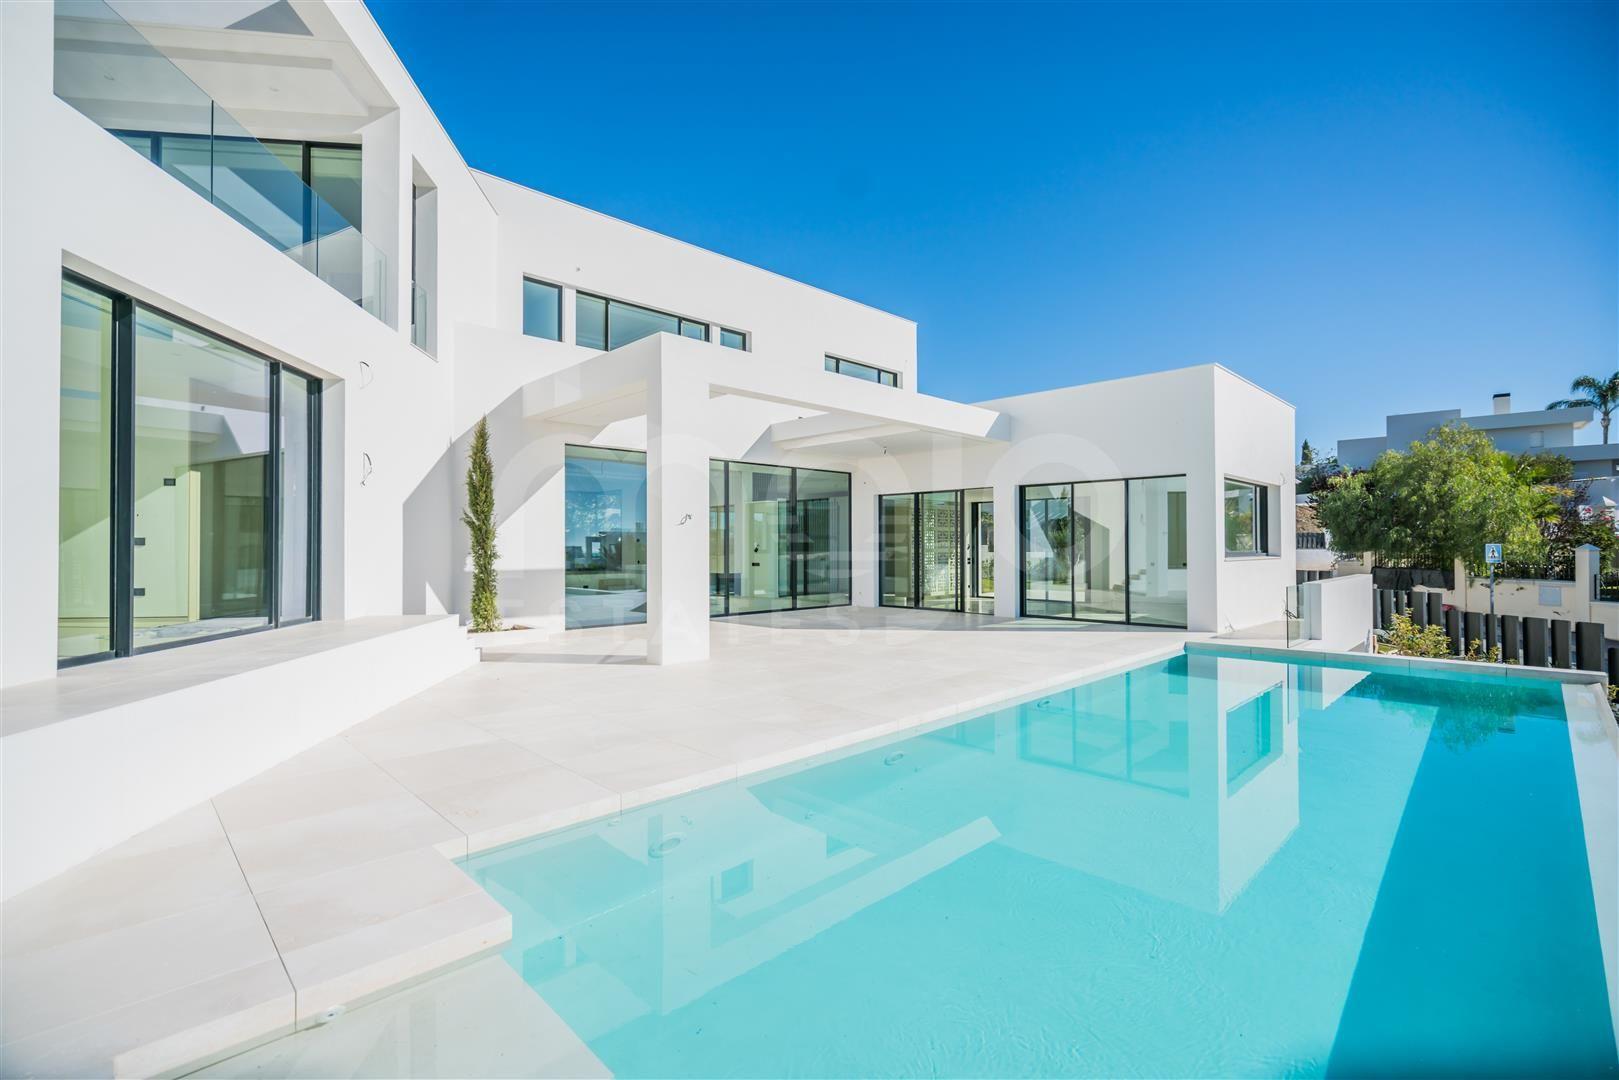 Villa till salu i Haza del Conde, Nueva Andalucia